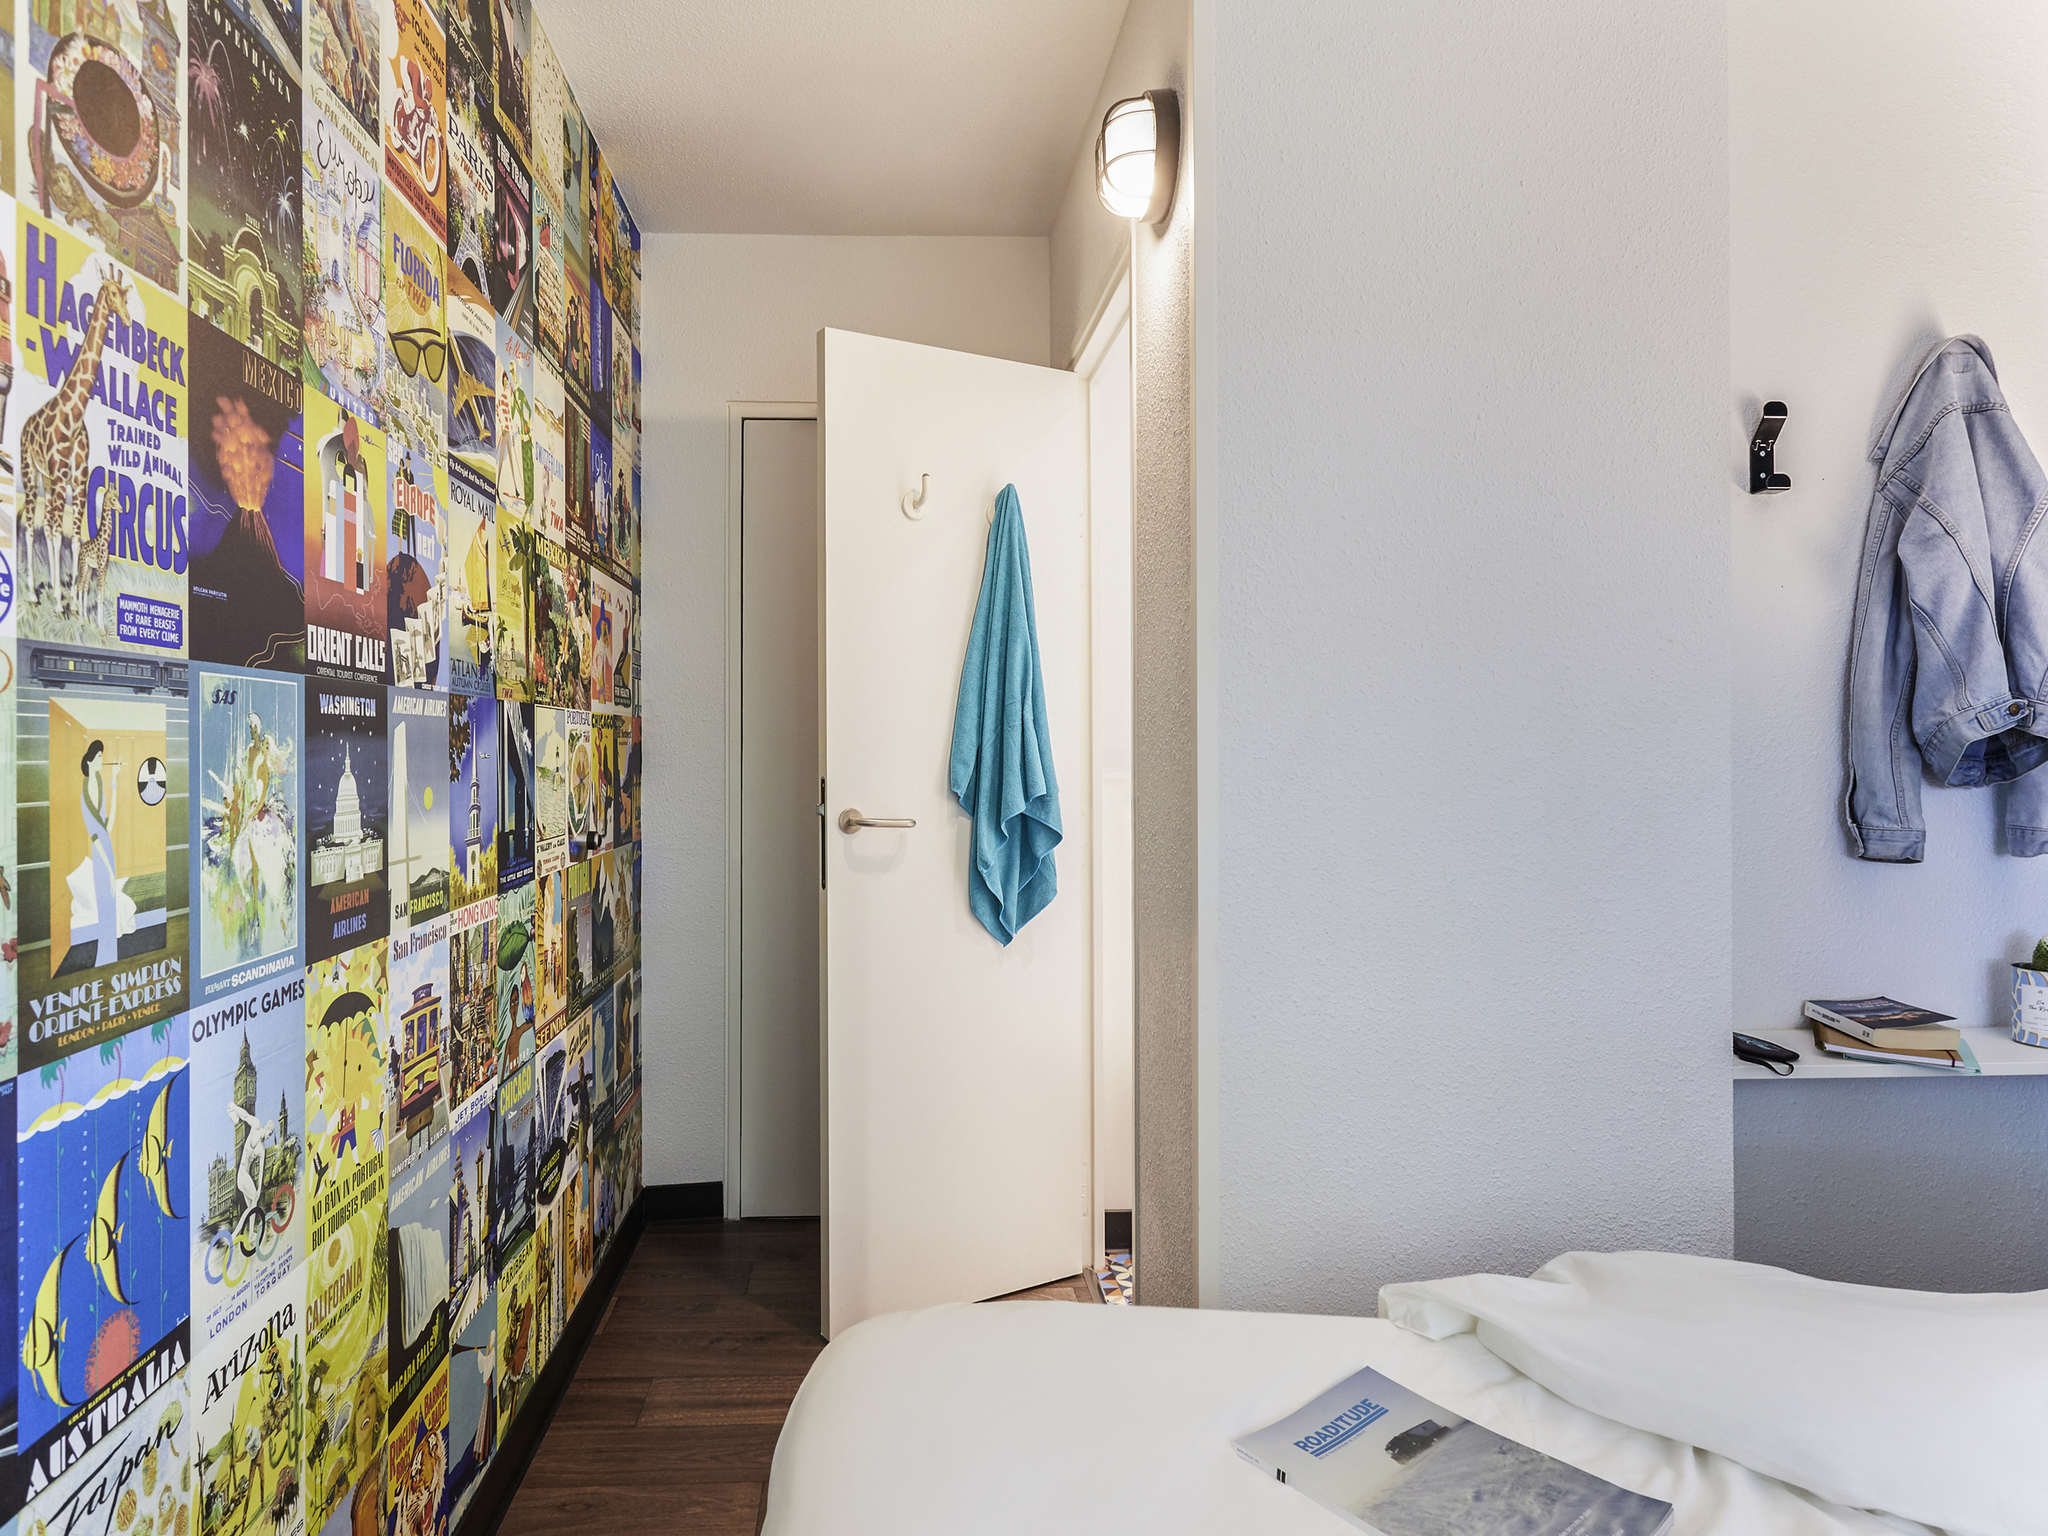 Hotel – hotelF1 Clermont-Ferrand Est